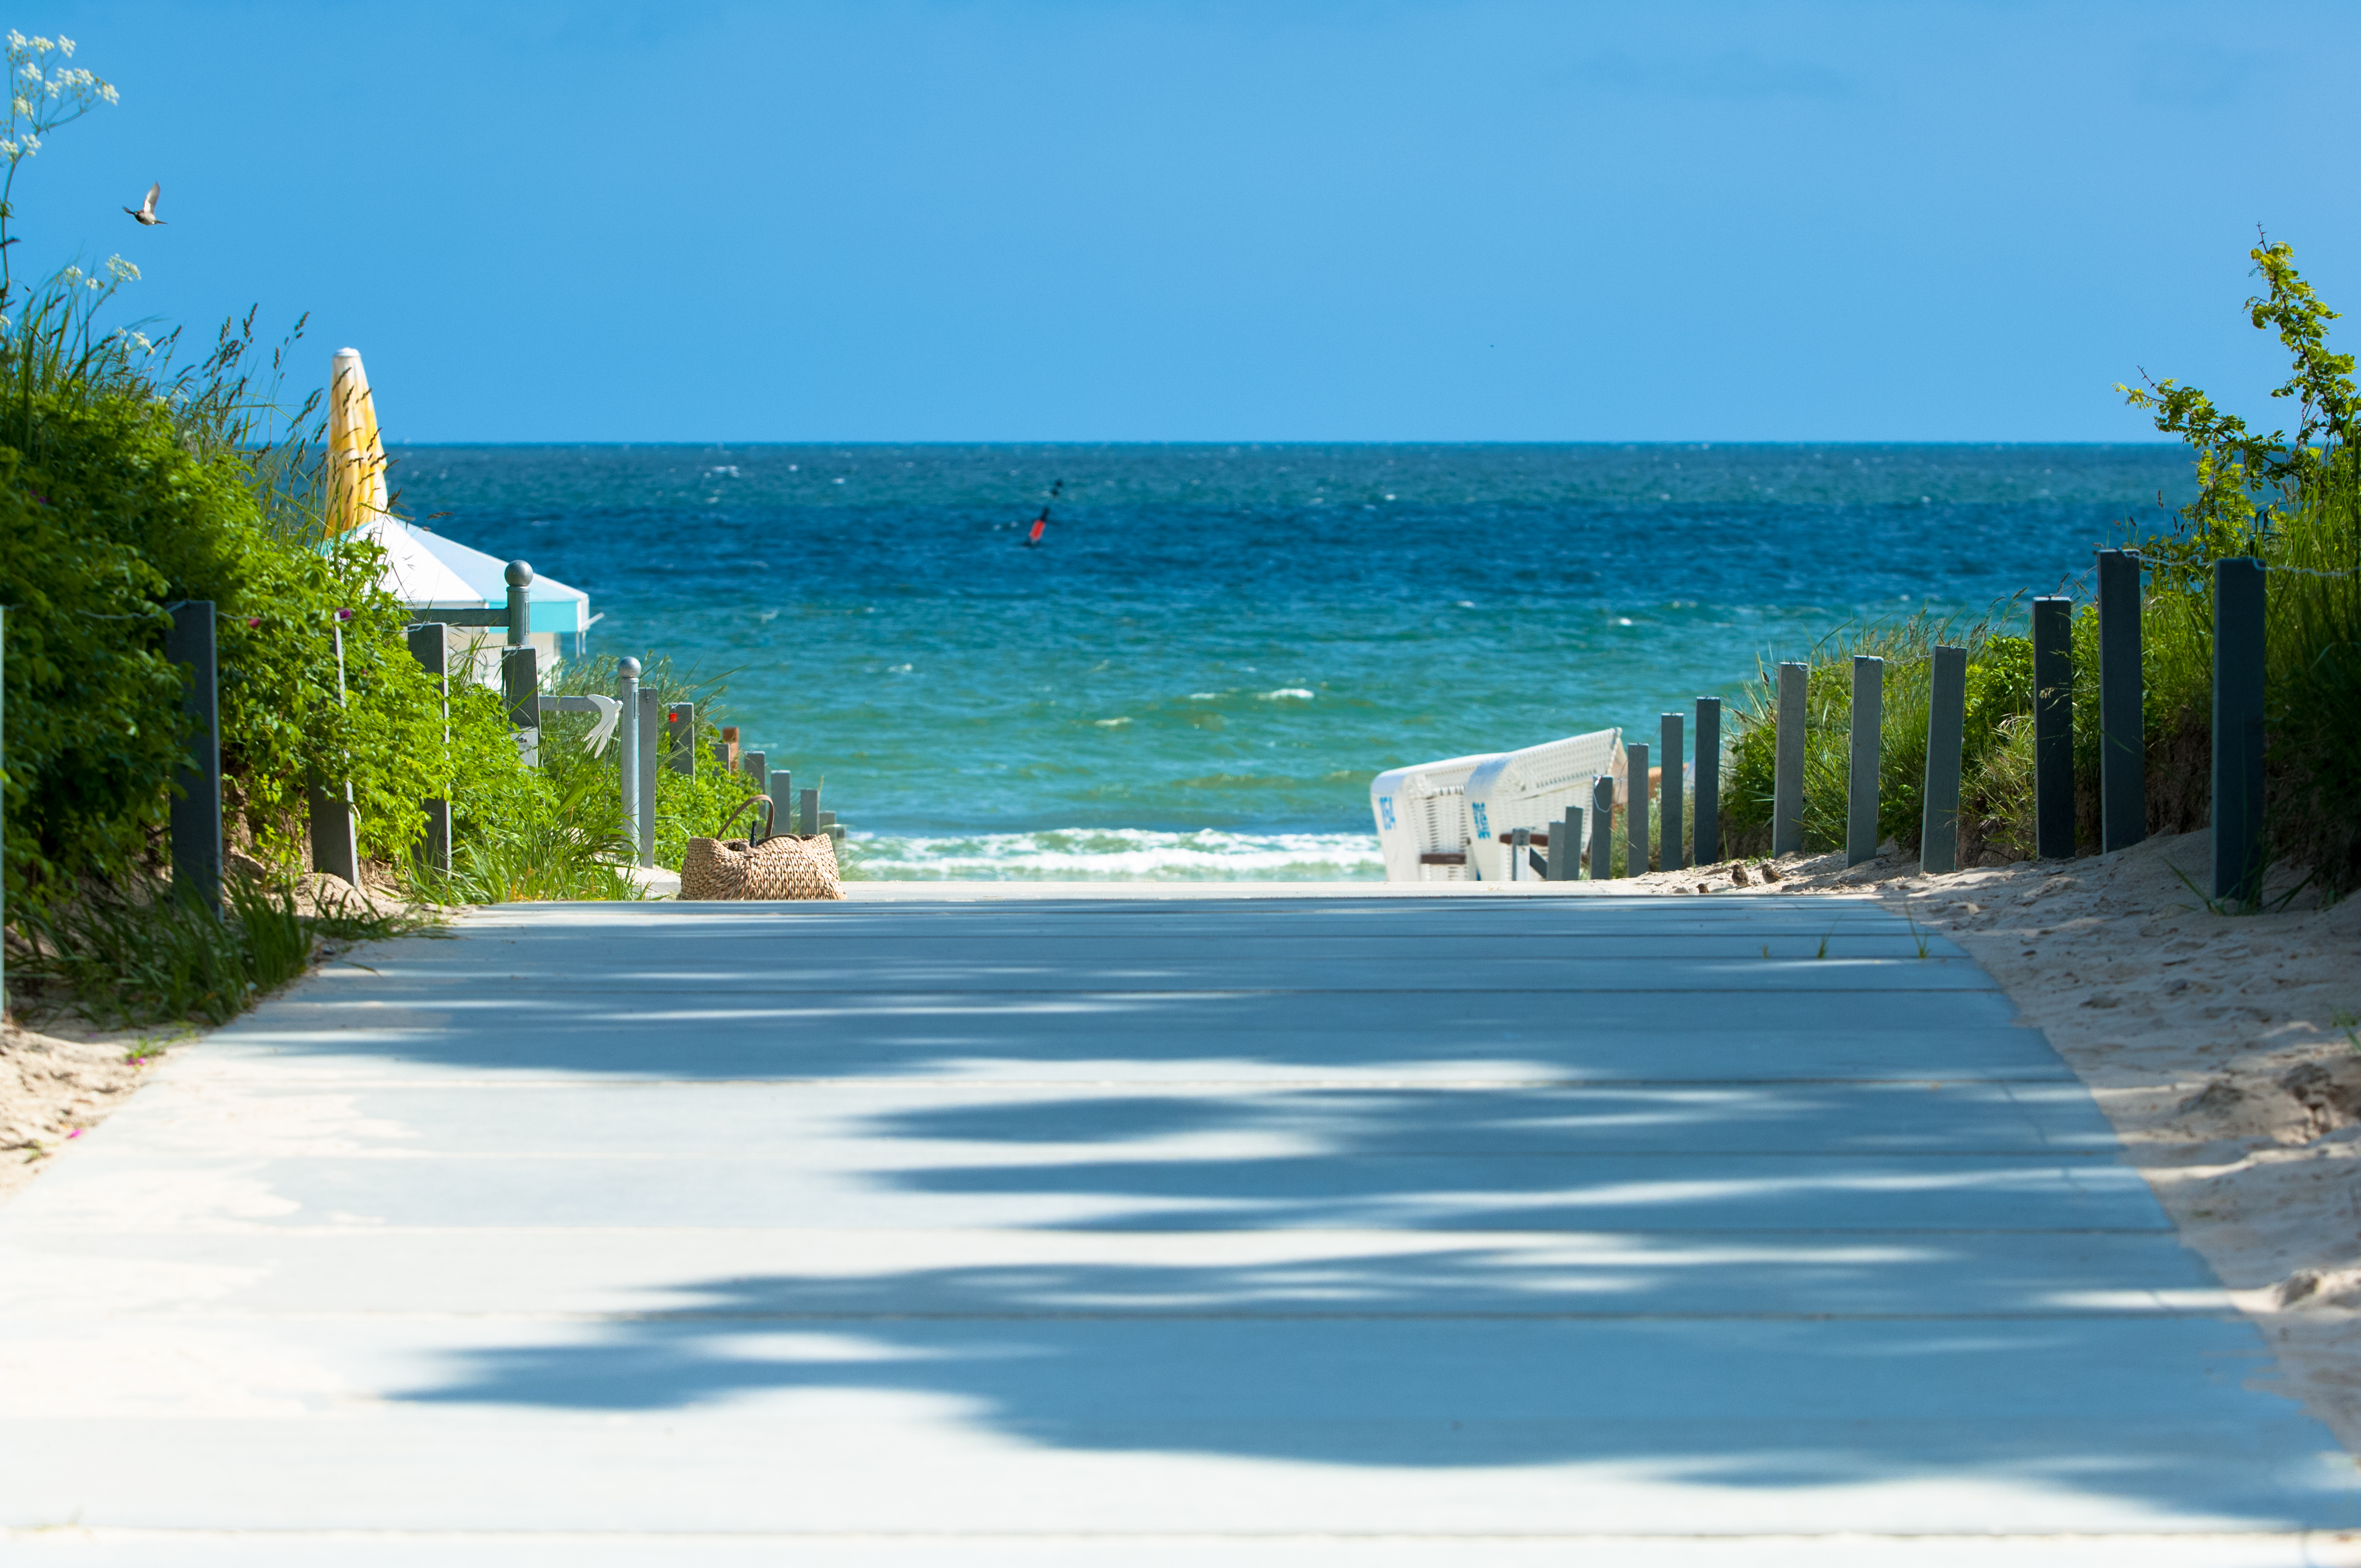 Spazieren Sie an der Ostsee entlang und genießen das Wellenrauschen. Quelle: Beauty &mSpa Hotel Binz, Rügen - beauty24 GmbH